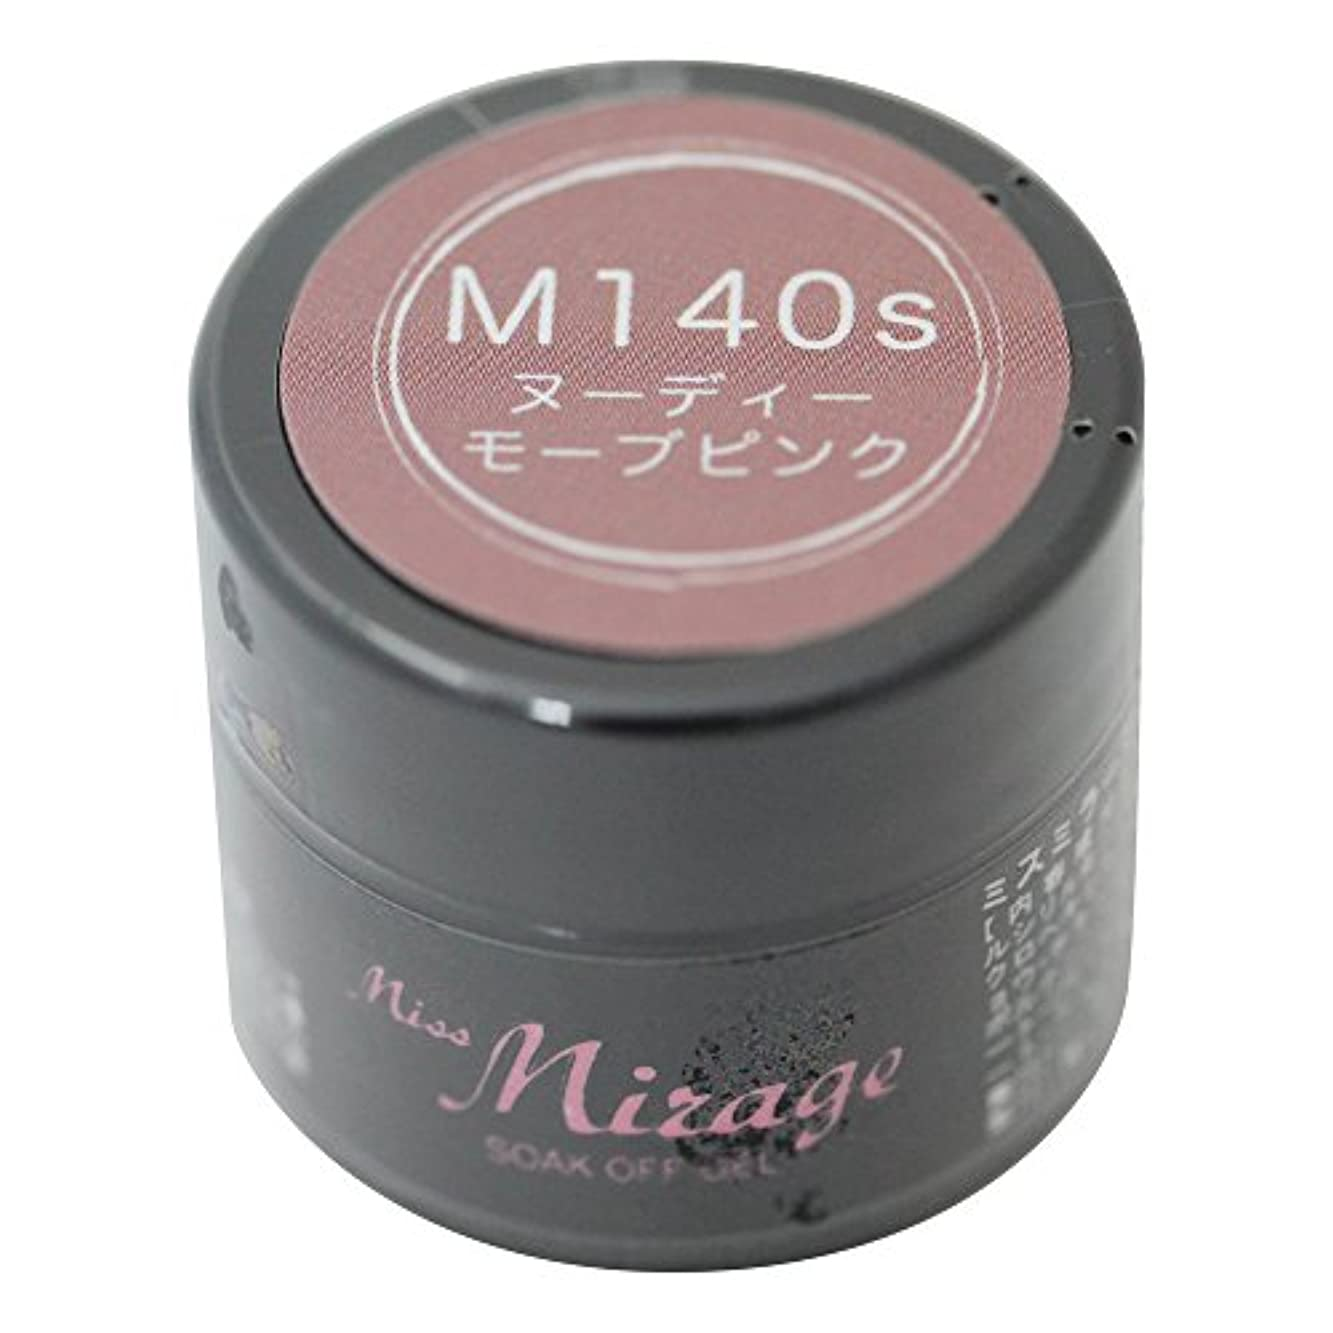 アーサー思い出させる話をするMiss Mirage M140S ヌーディーモーブピンク 2.5g UV/LED対応タイオウ